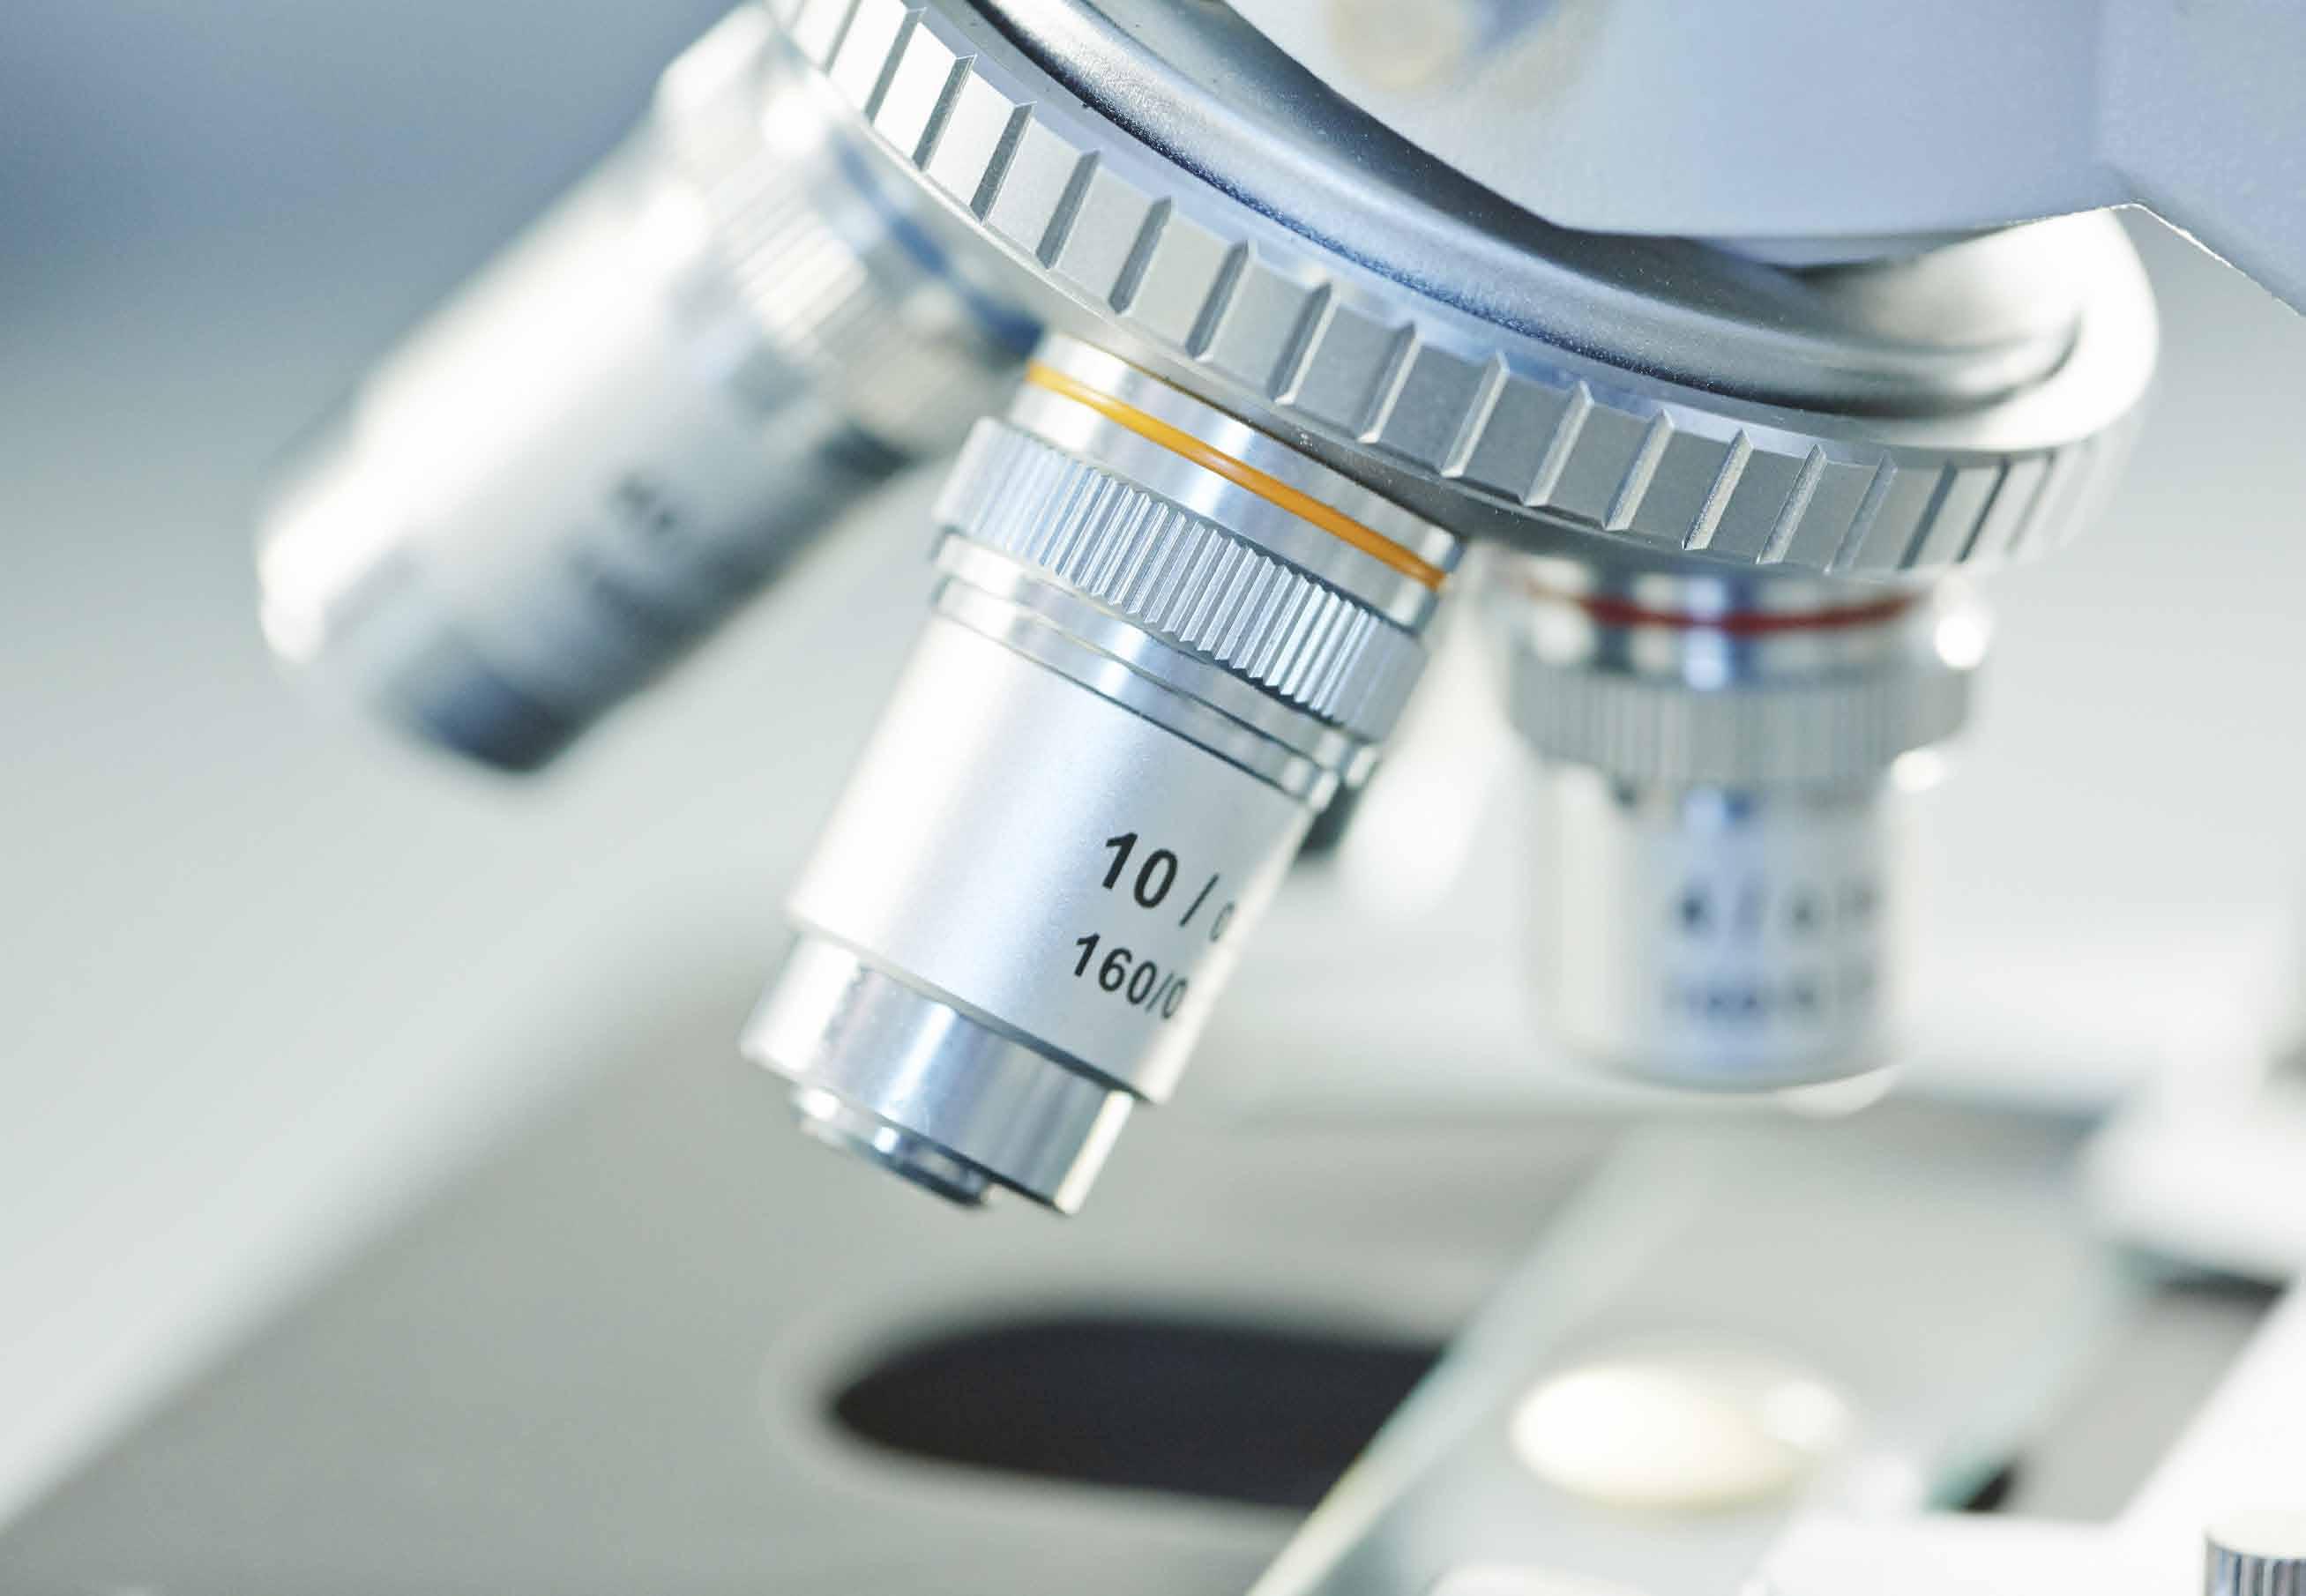 Investigación clínica: balance y perspectivas